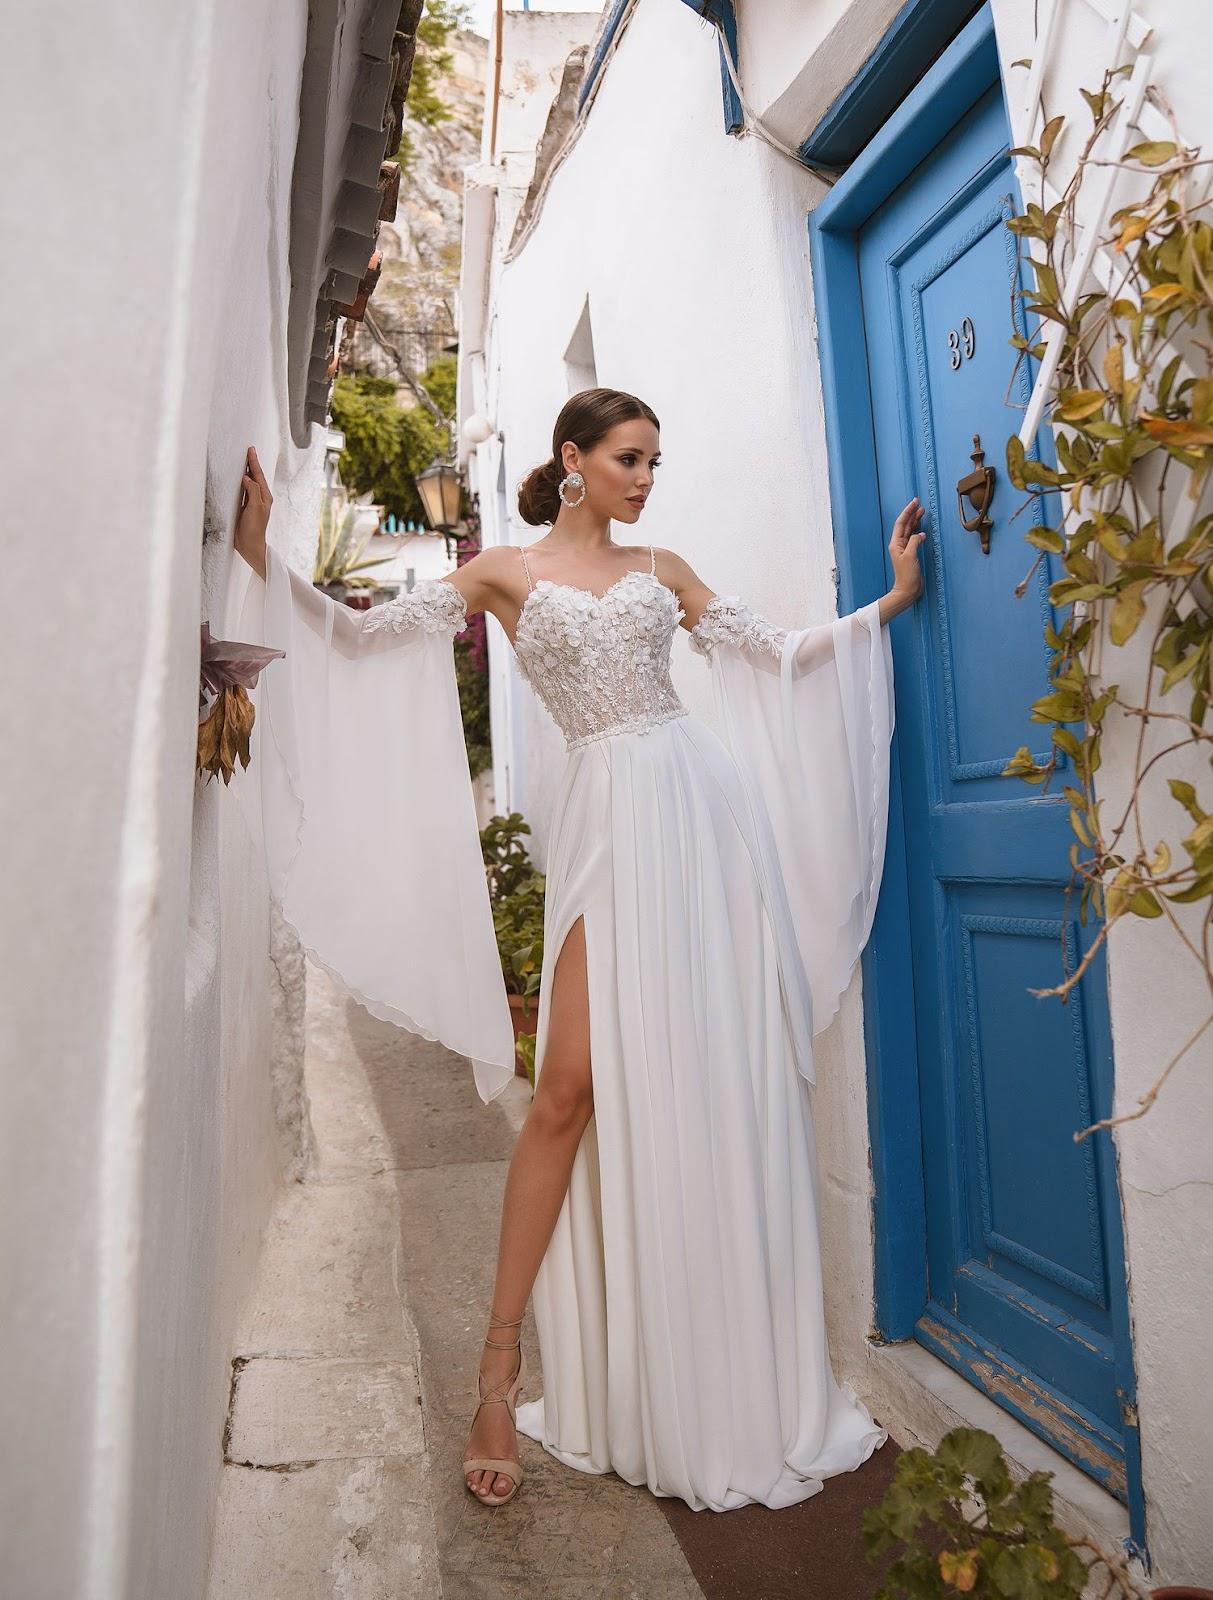 весільна сукня з розрізом